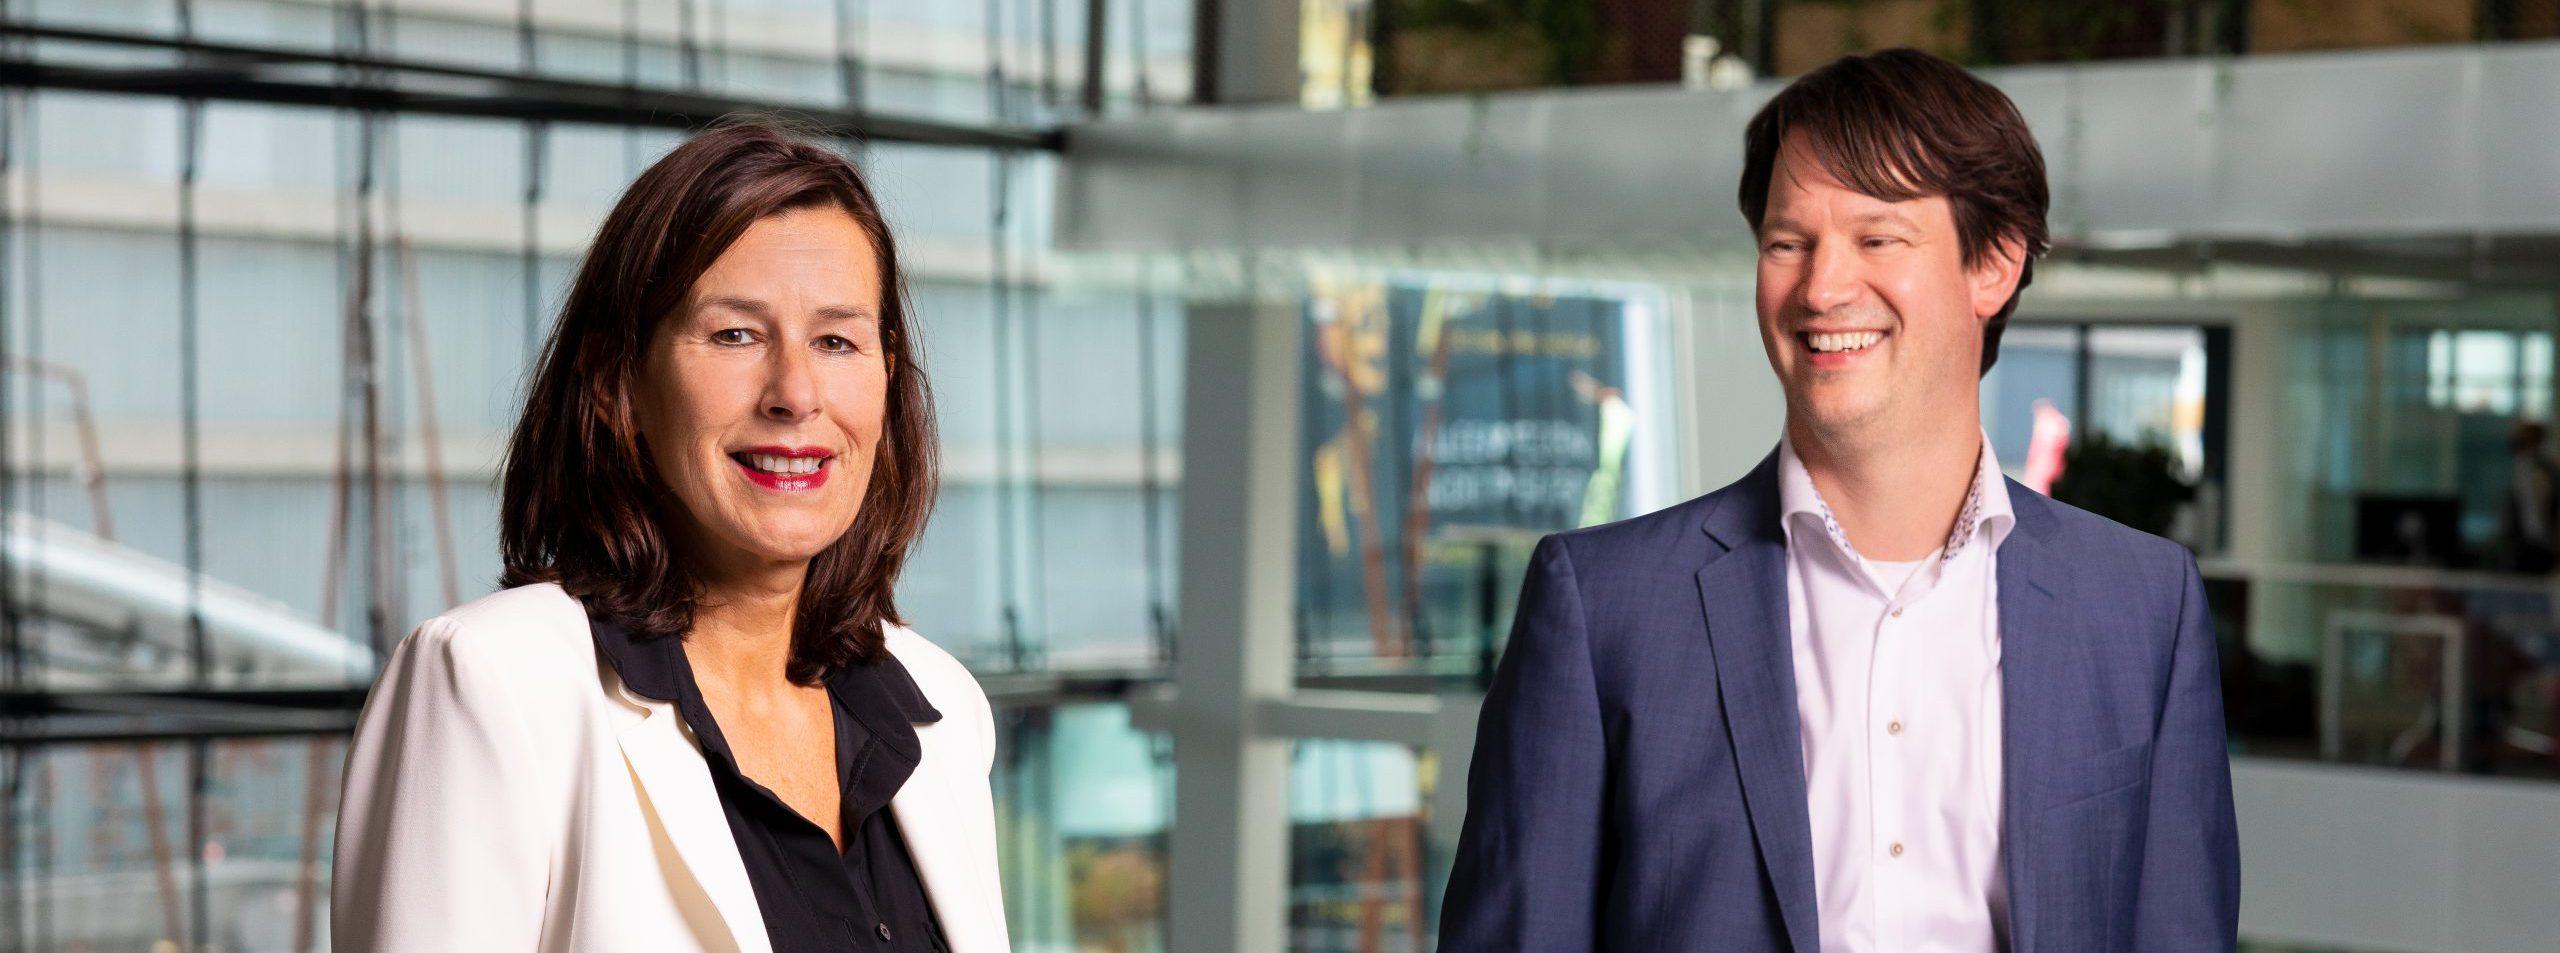 twee collega's (een vrouw en man) staan op een etage in het stadskantoor met uitzicht op de centrale hal van het stadskantoor.